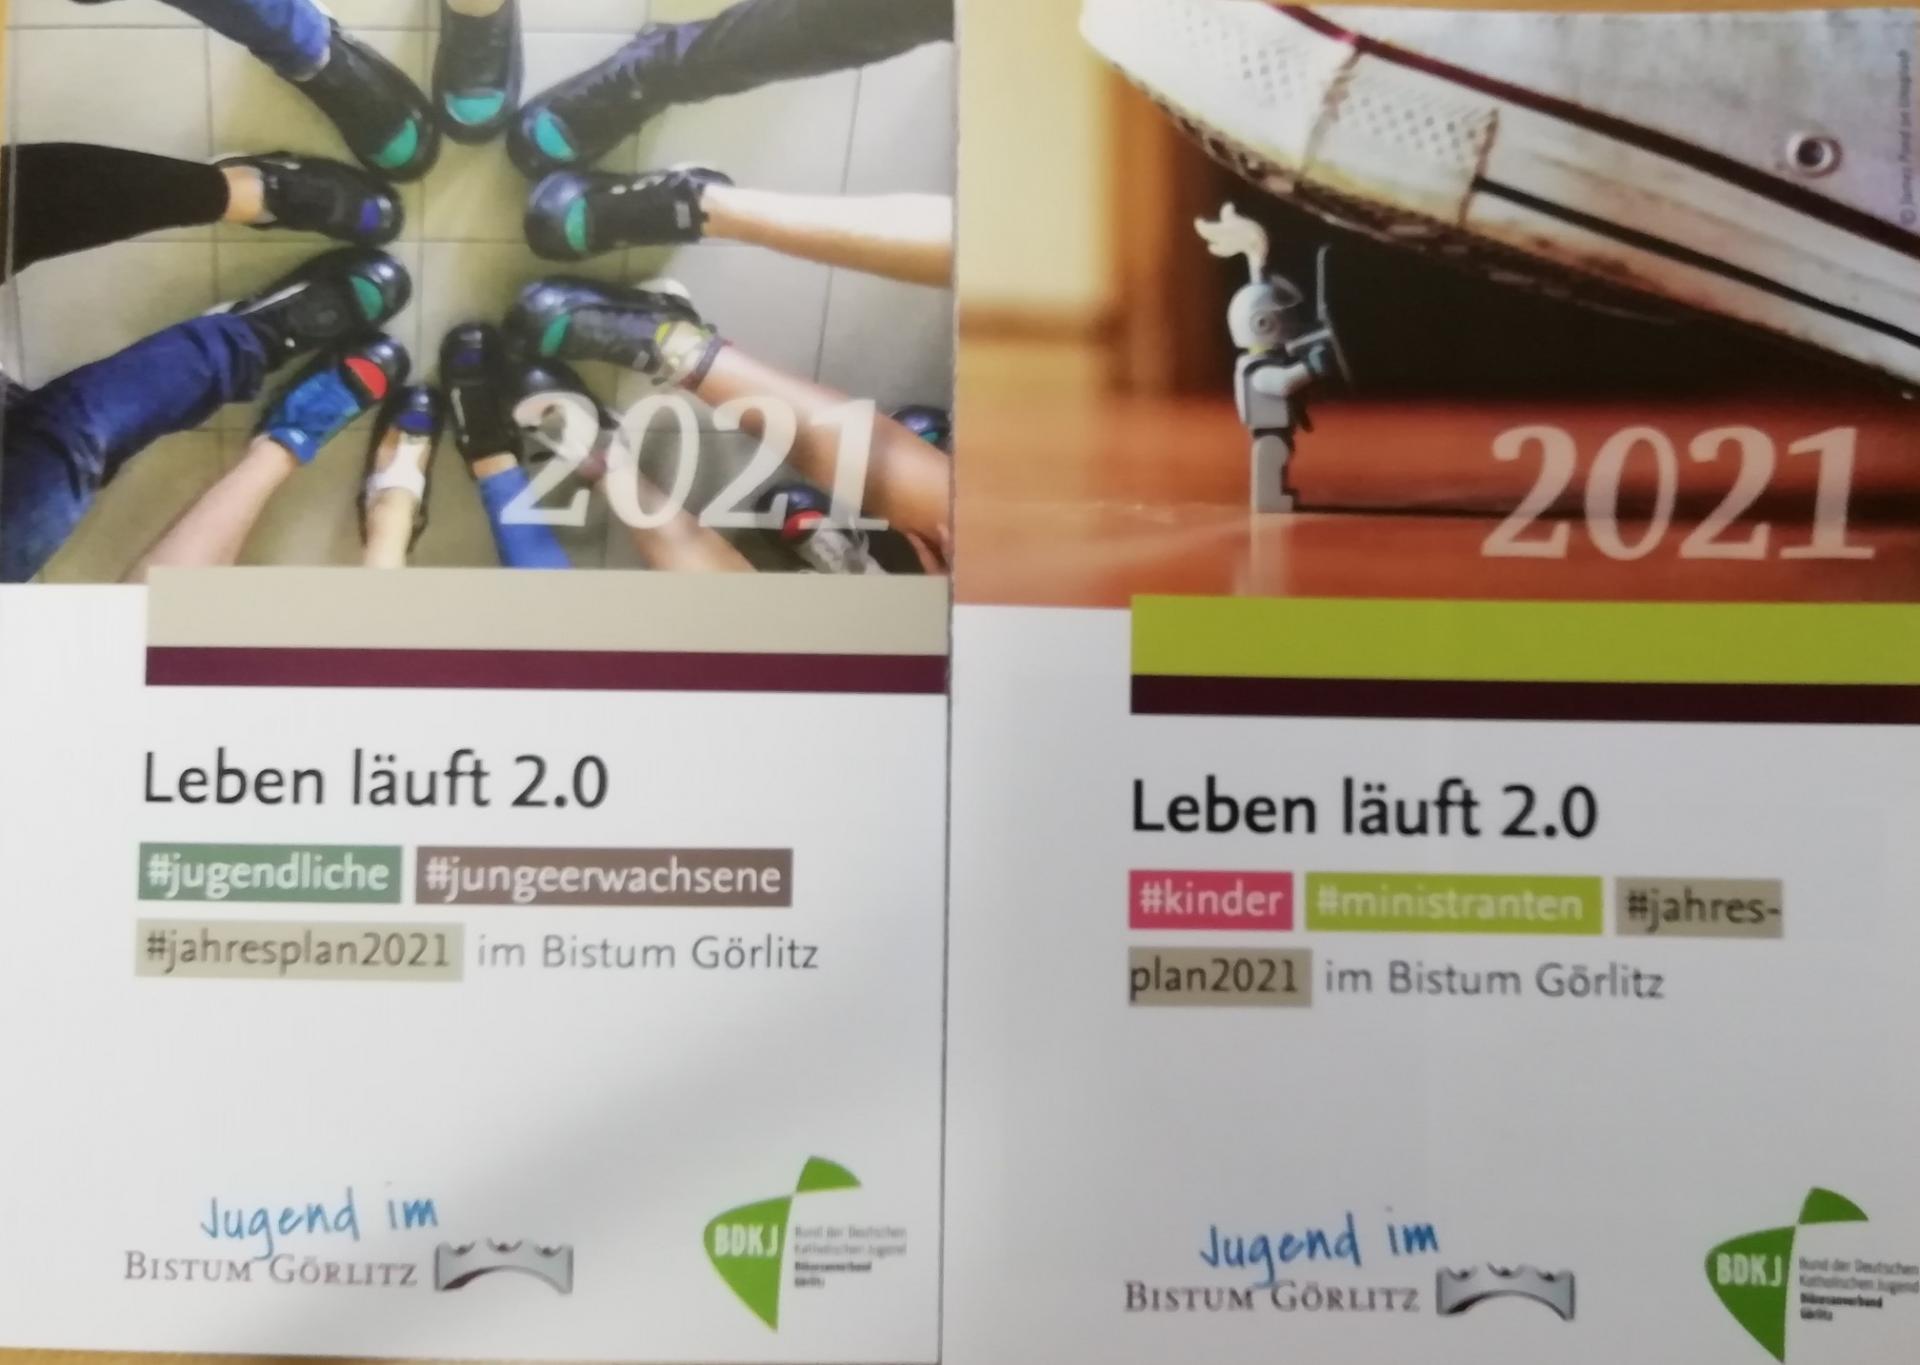 Jahresplan2021